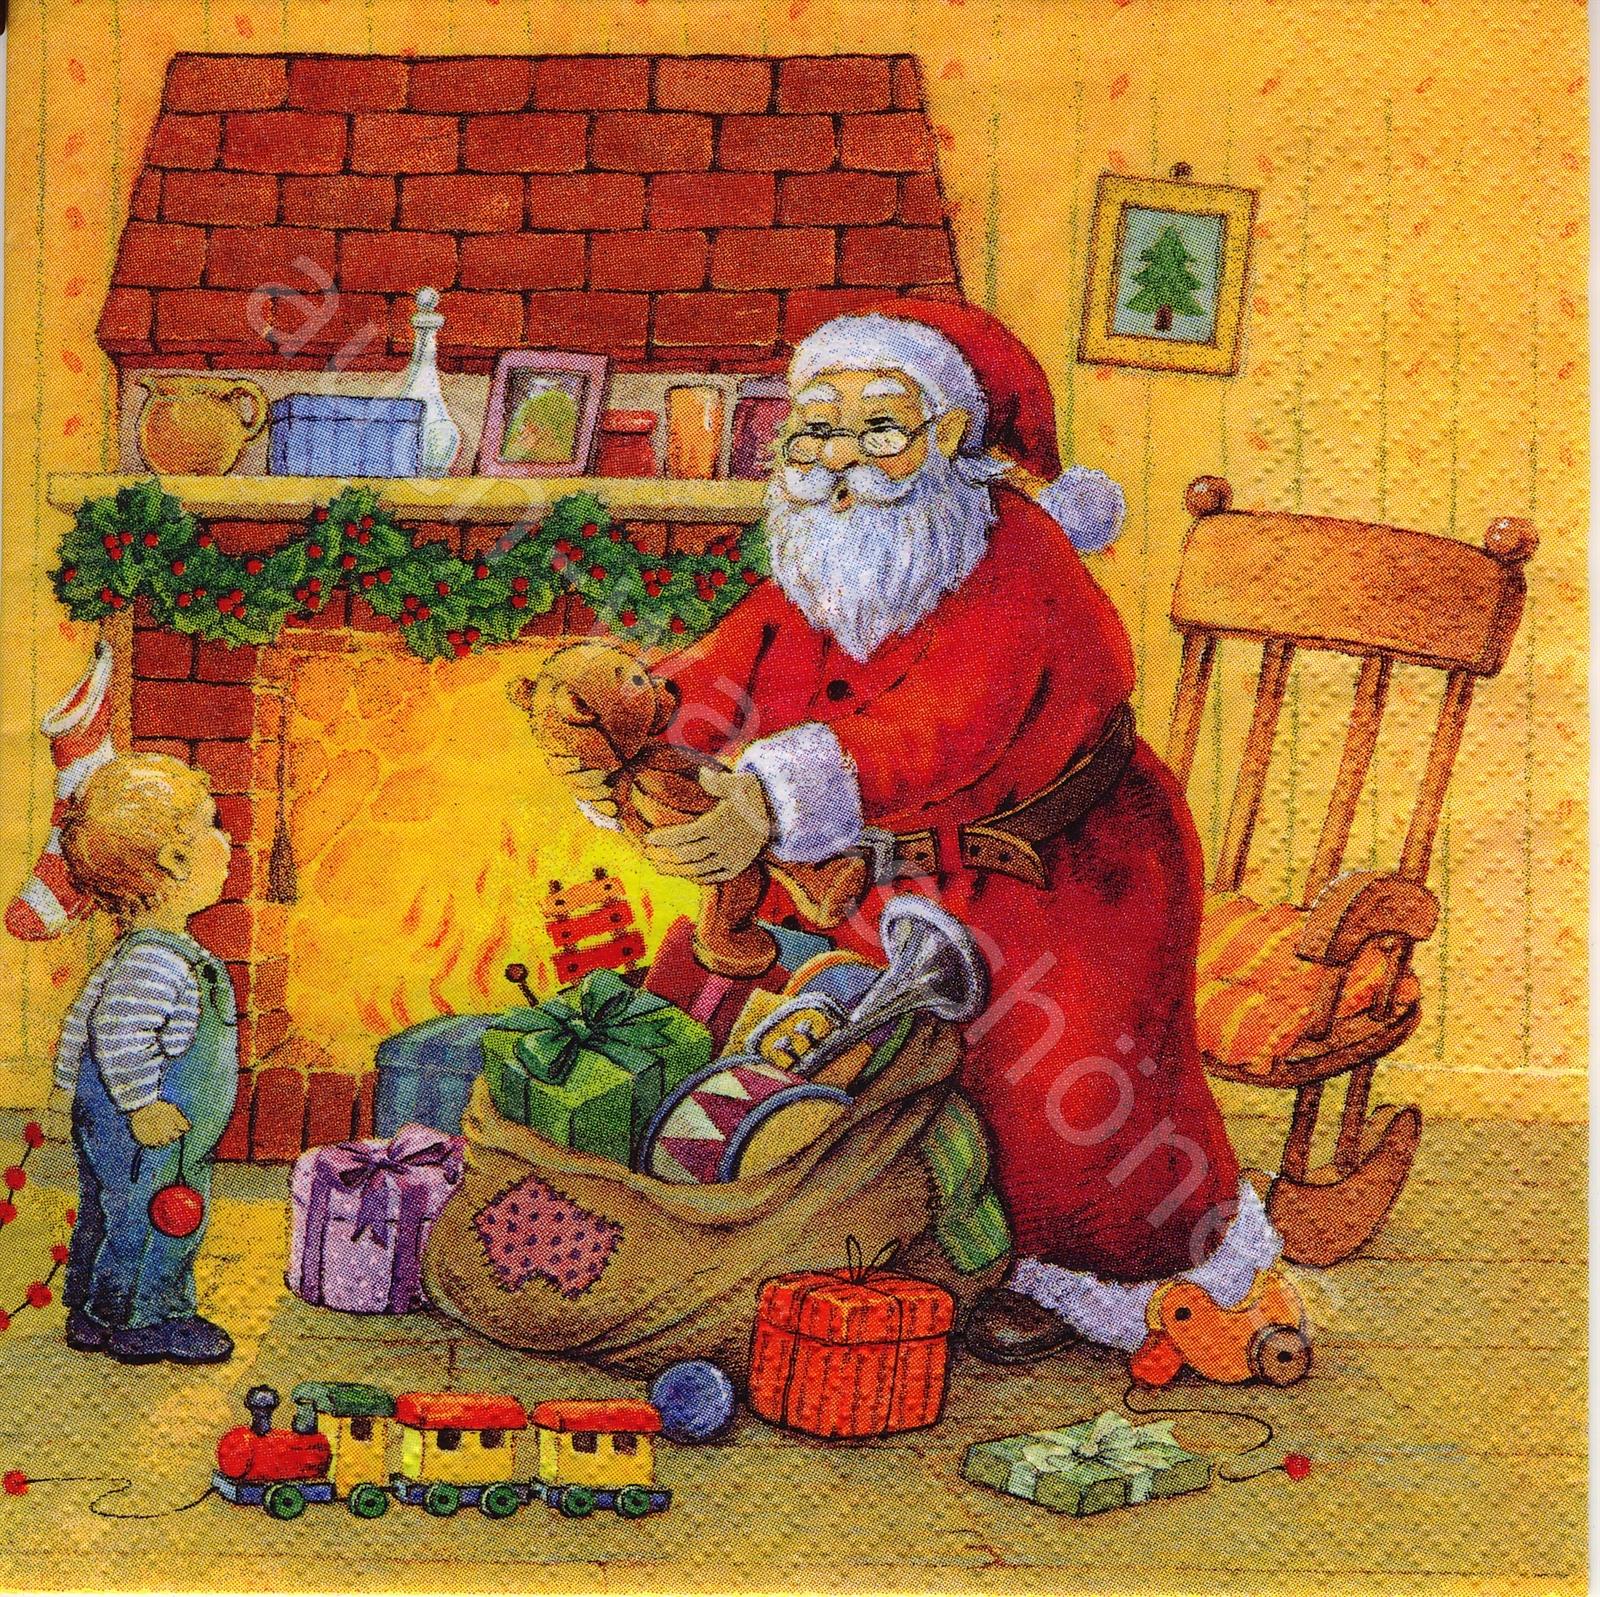 Weihnachten Nostalgisch.Serviette Santa Claus Kinder Weihnachten Nostalgie Wn071